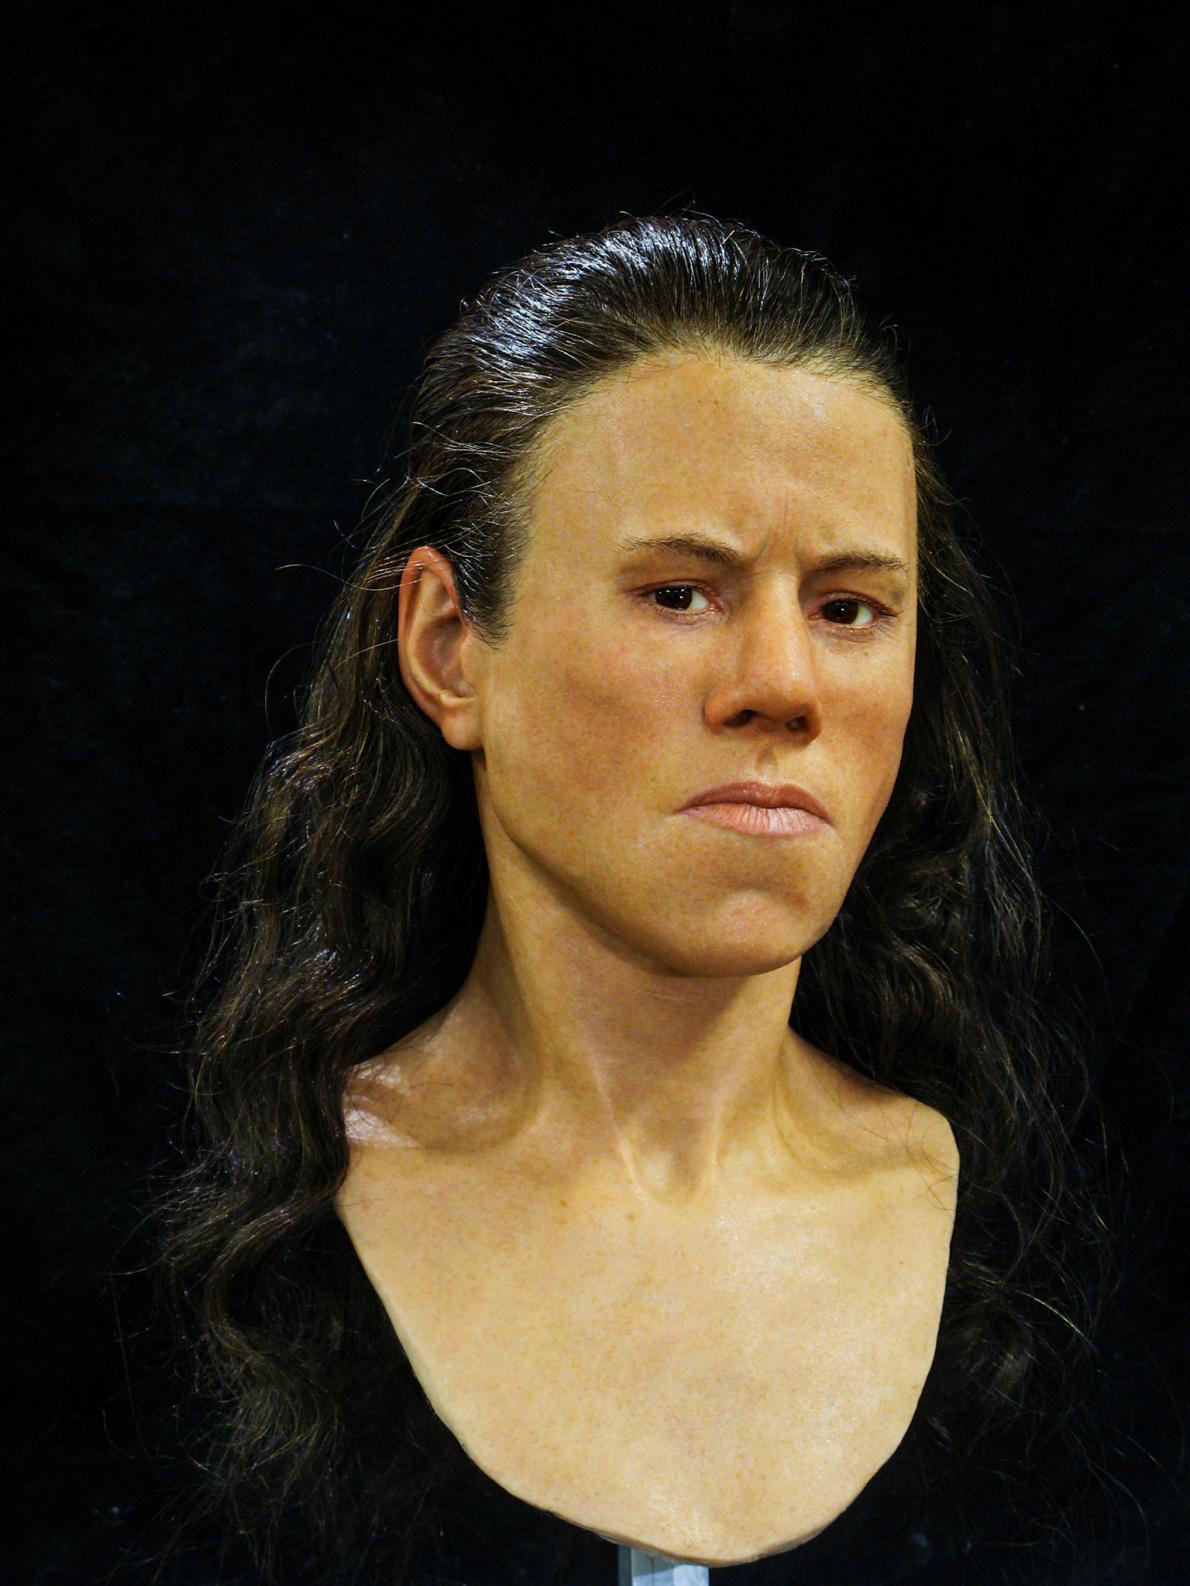 Ученые воссоздали лицо юной гречанки, которая жила 9 тысяч лет тому назад (2 фото)